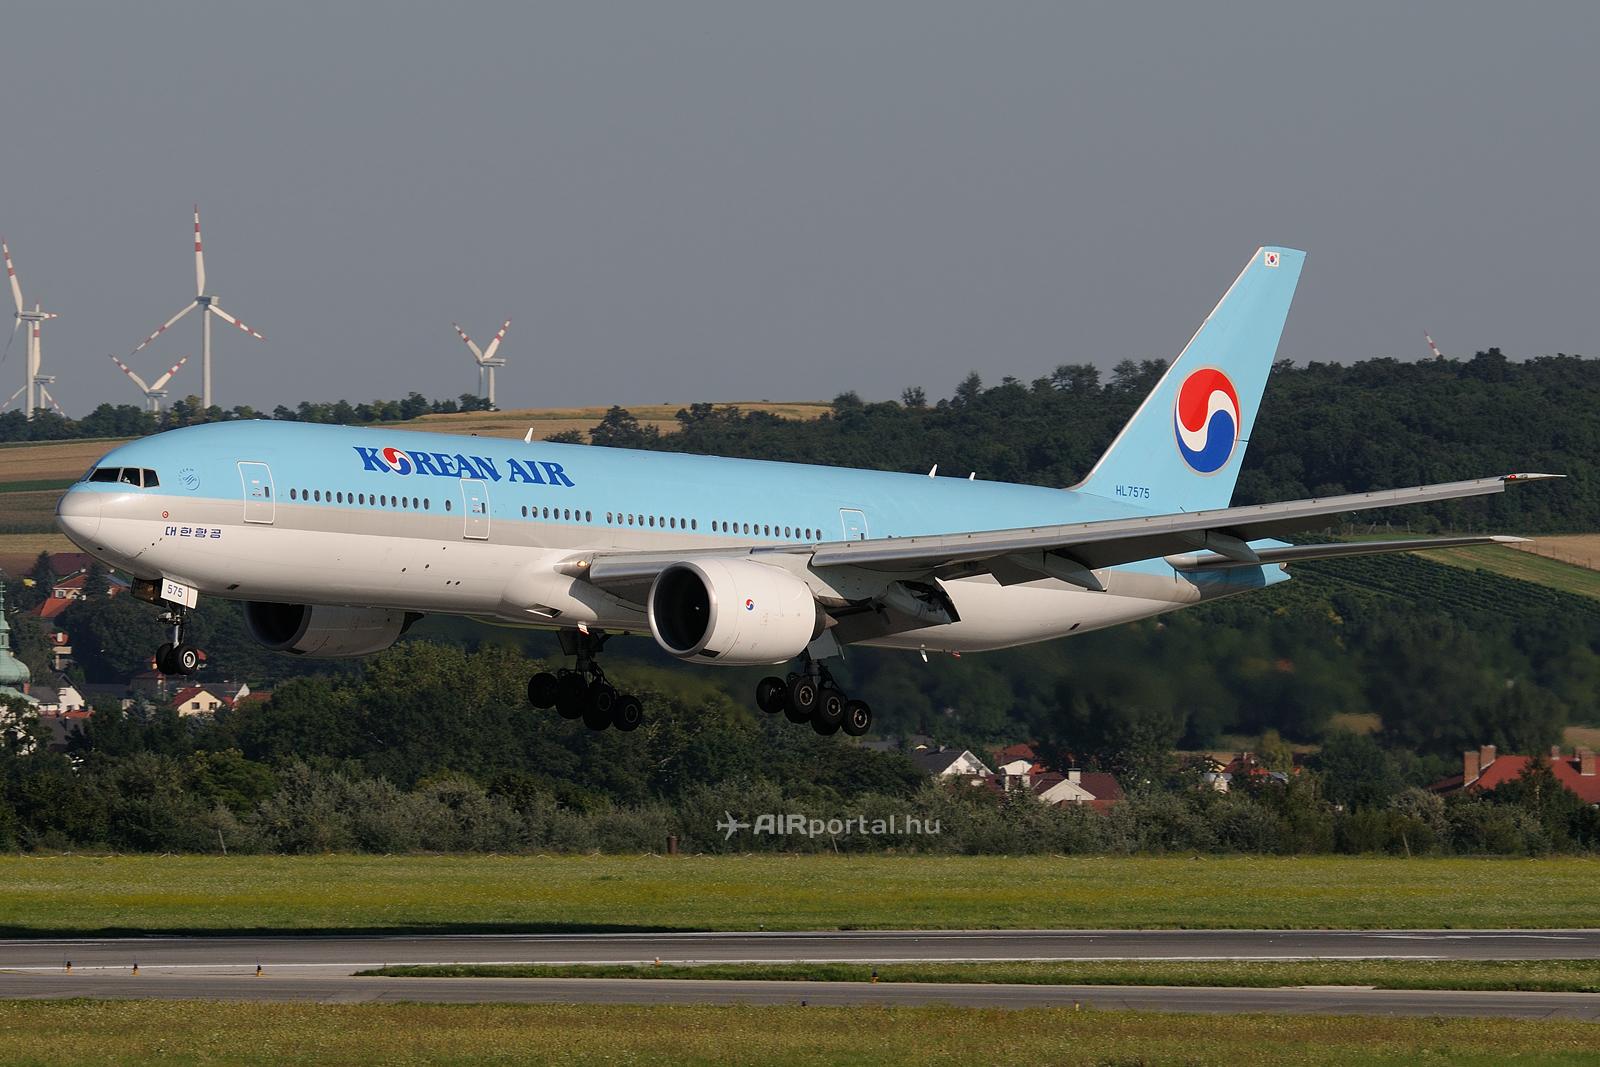 Ilyen Boeing 777-200ER típusú repülőgépek is fognak majd Zágrábba közlekedni a nyáron. (Fotó: Bodorics Tamás - AIRportal.hu)   © AIRportal.hu